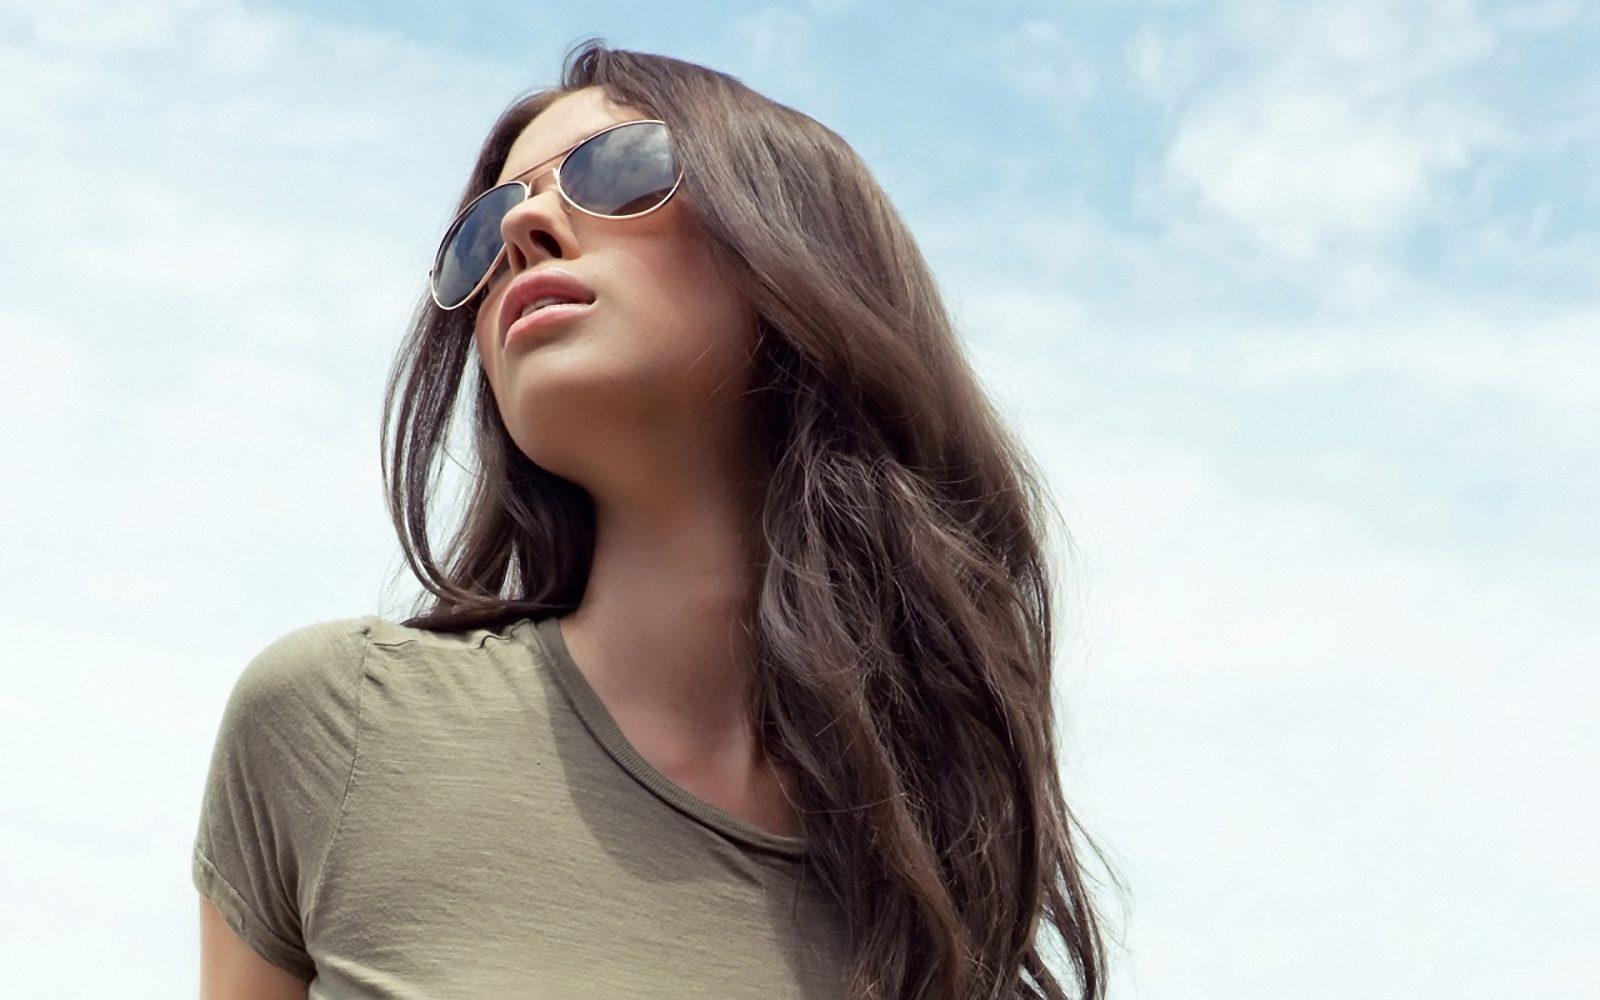 Красавица в стильных солнцезащитных очках